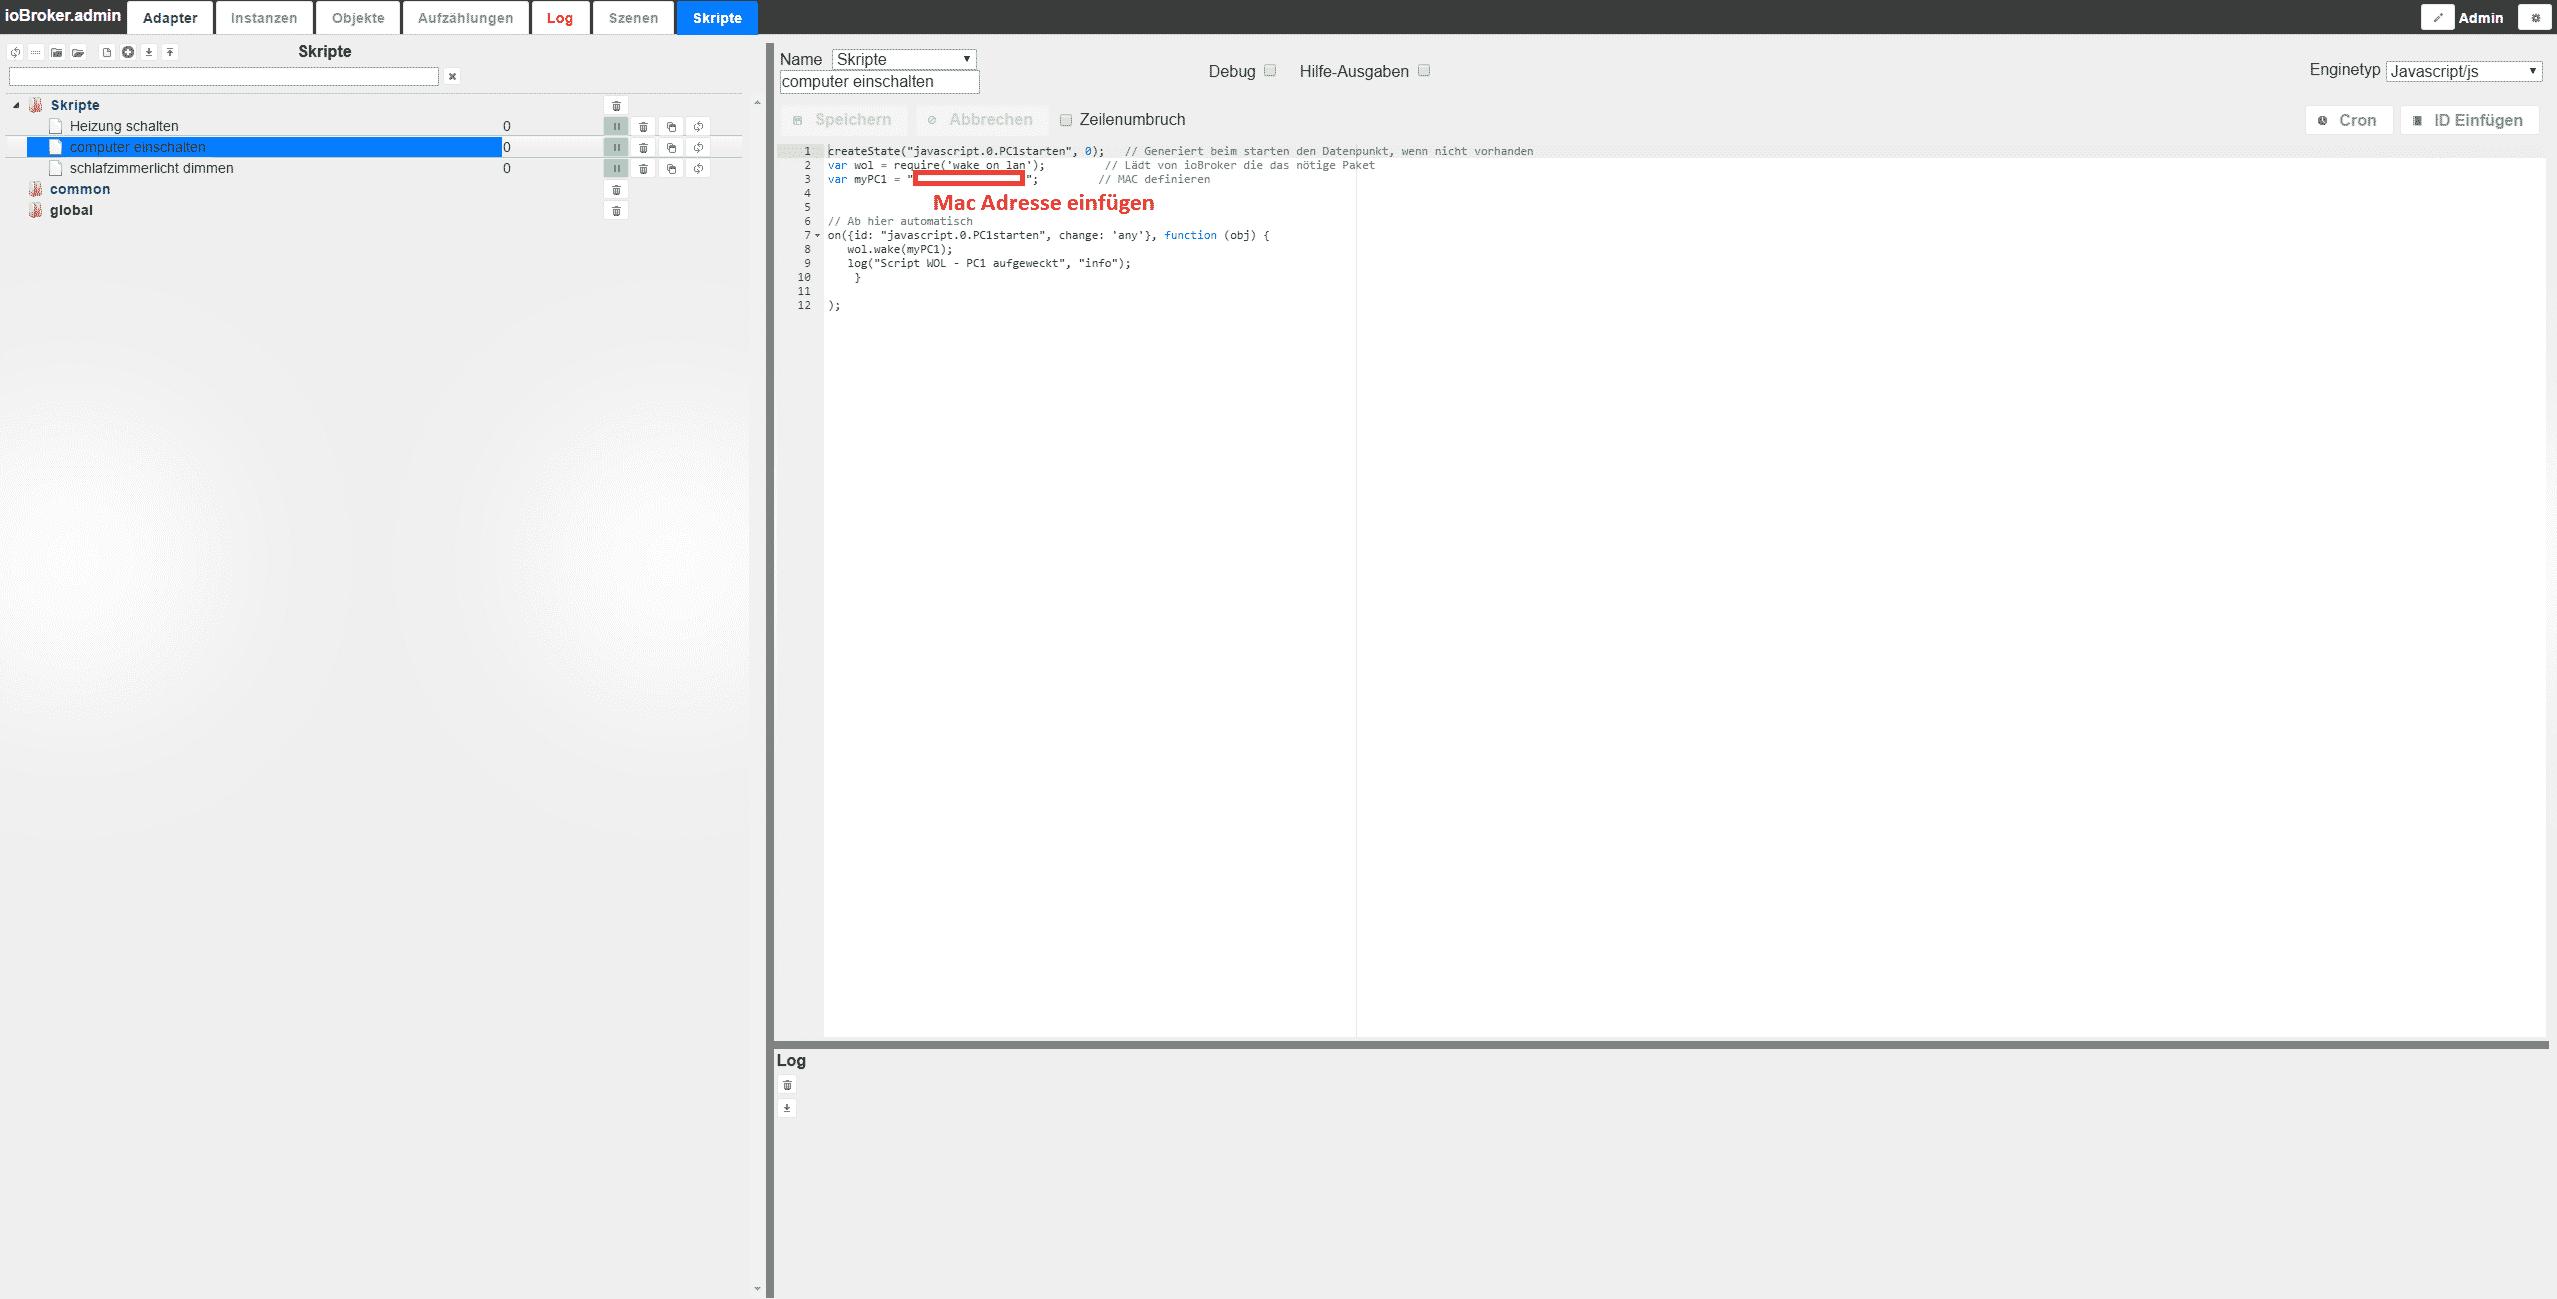 PC-mit-Amazon-Alexa-und-ioBroker-anschalten-6